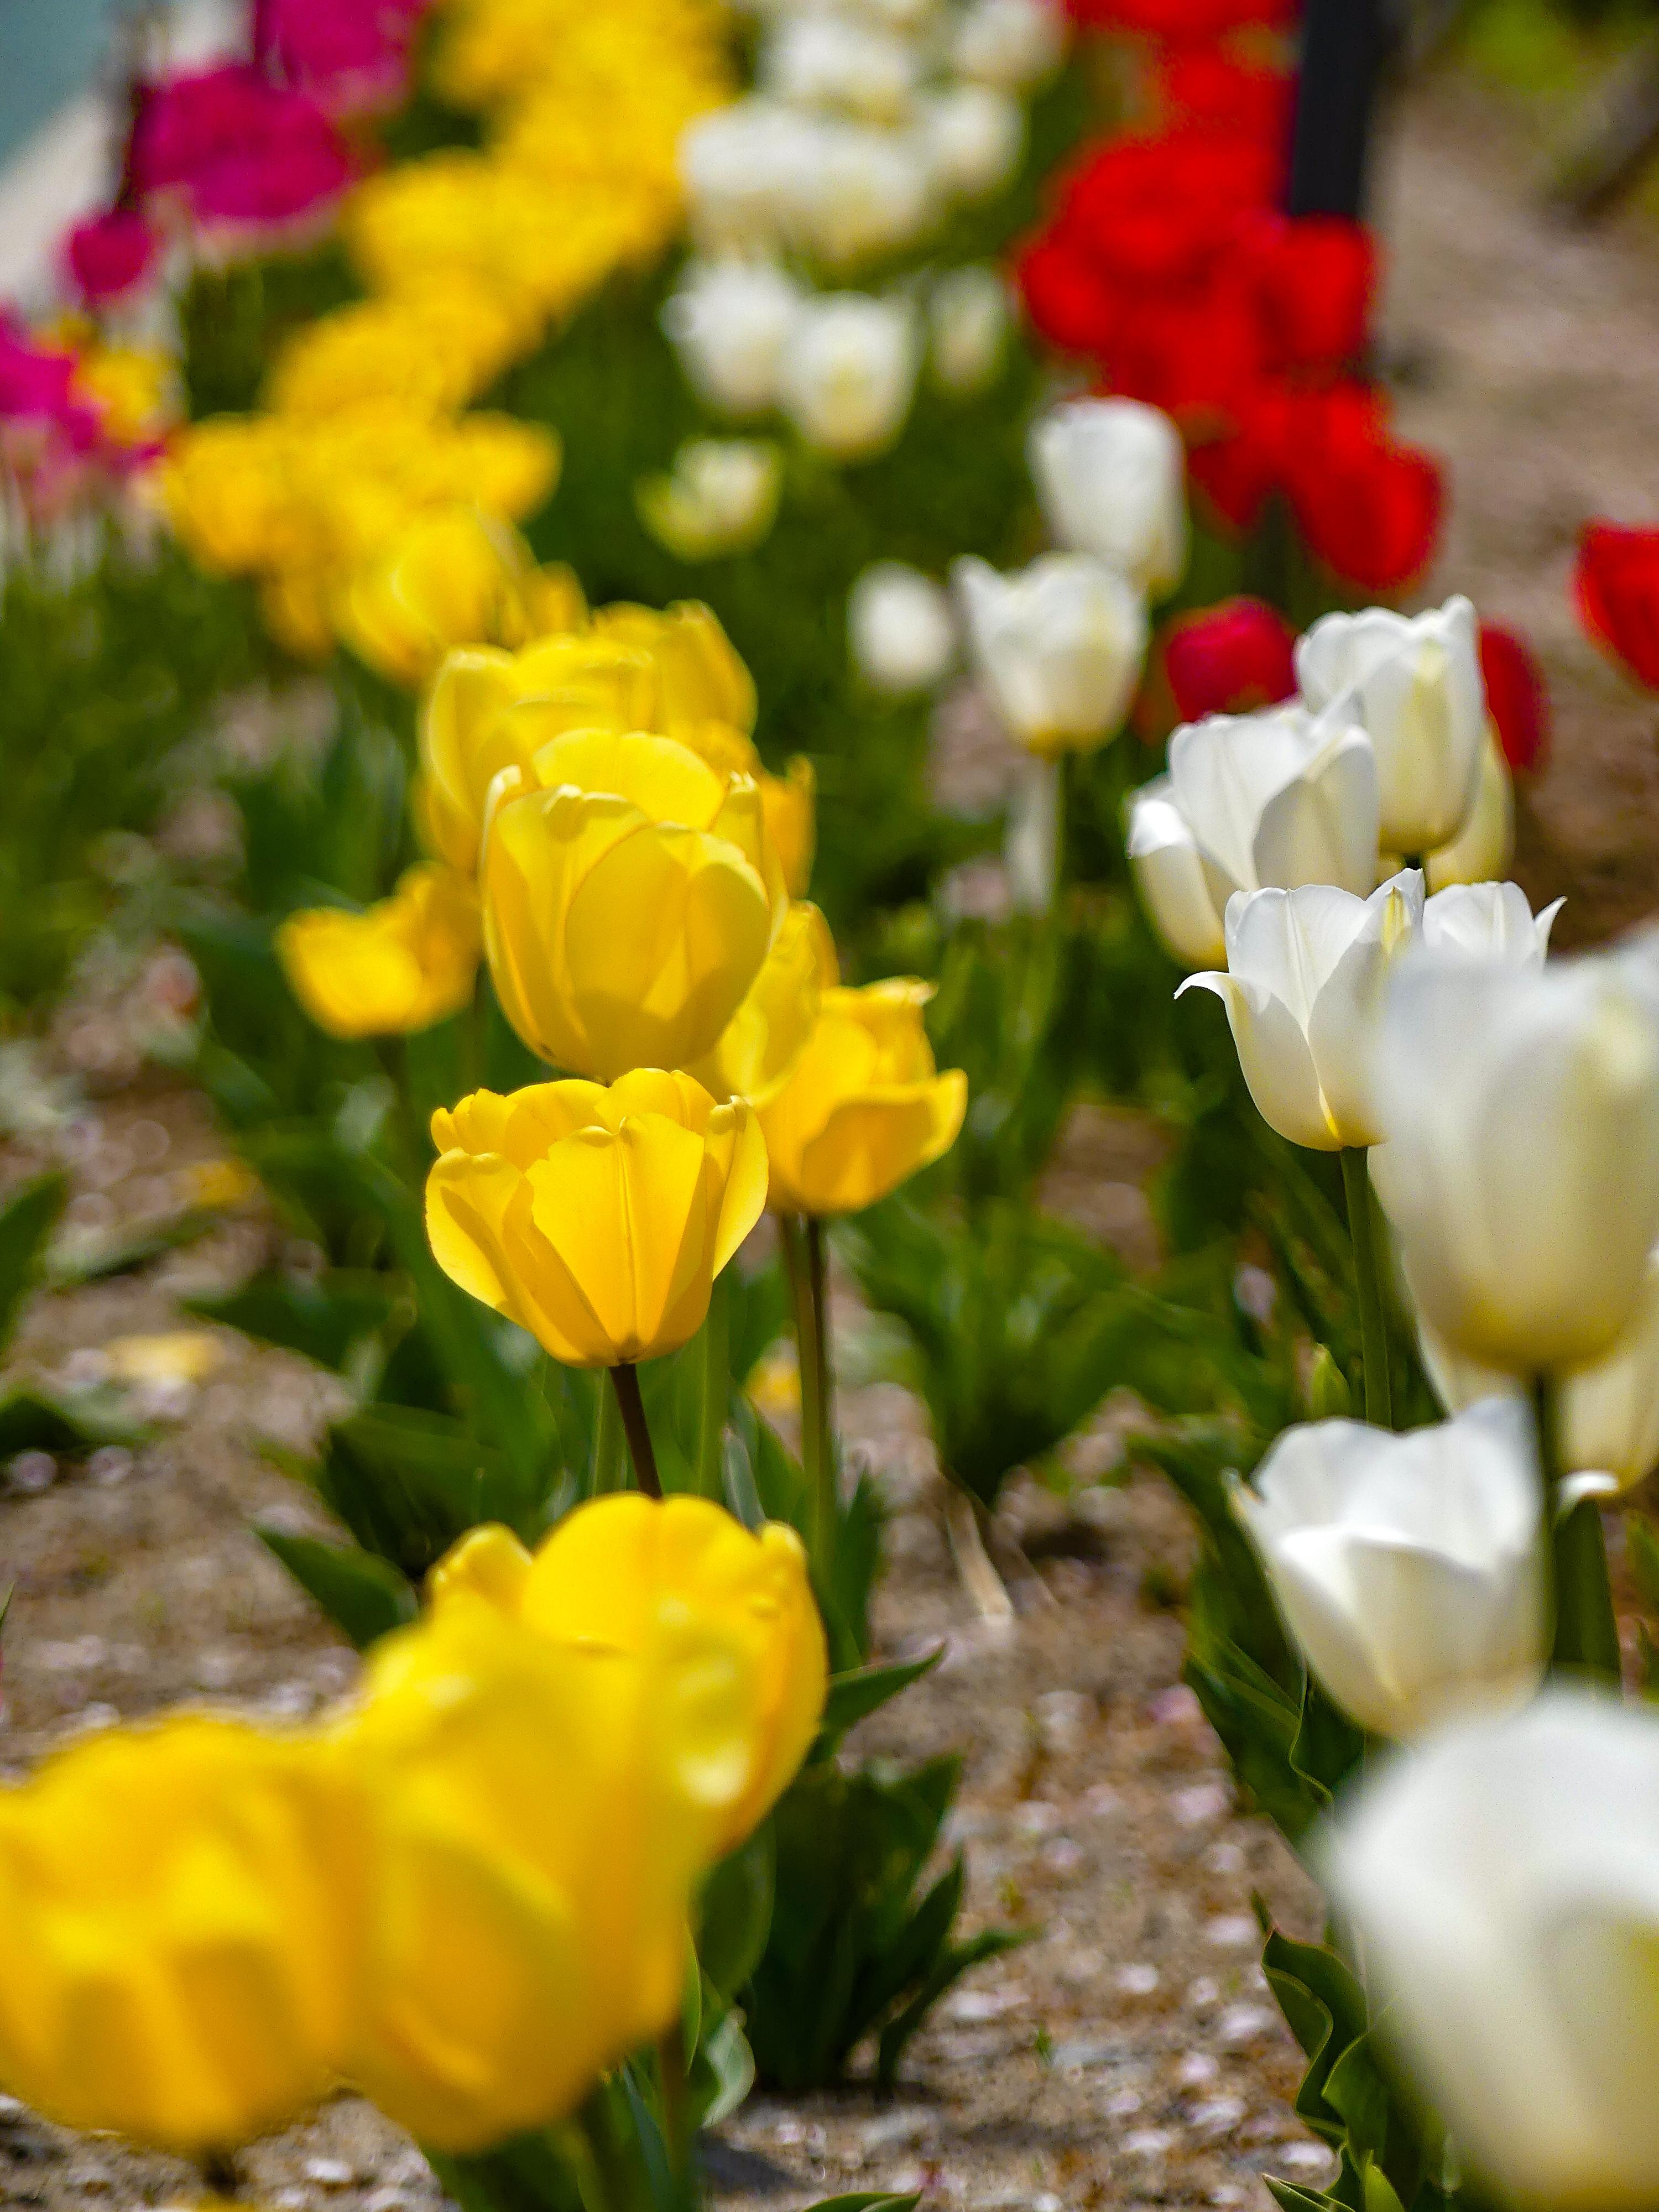 Gambar Tanaman Berbunga Daun Bunga Bunga Tulp Menanam Musim Semi Botani Batang Tanaman Bunga Liar Keluarga Lily Taman Budidaya Bunga Tanaman Tahunan Kebun Raya Padang Rumput Keluarga Violet Warna Kuning Kemerahan